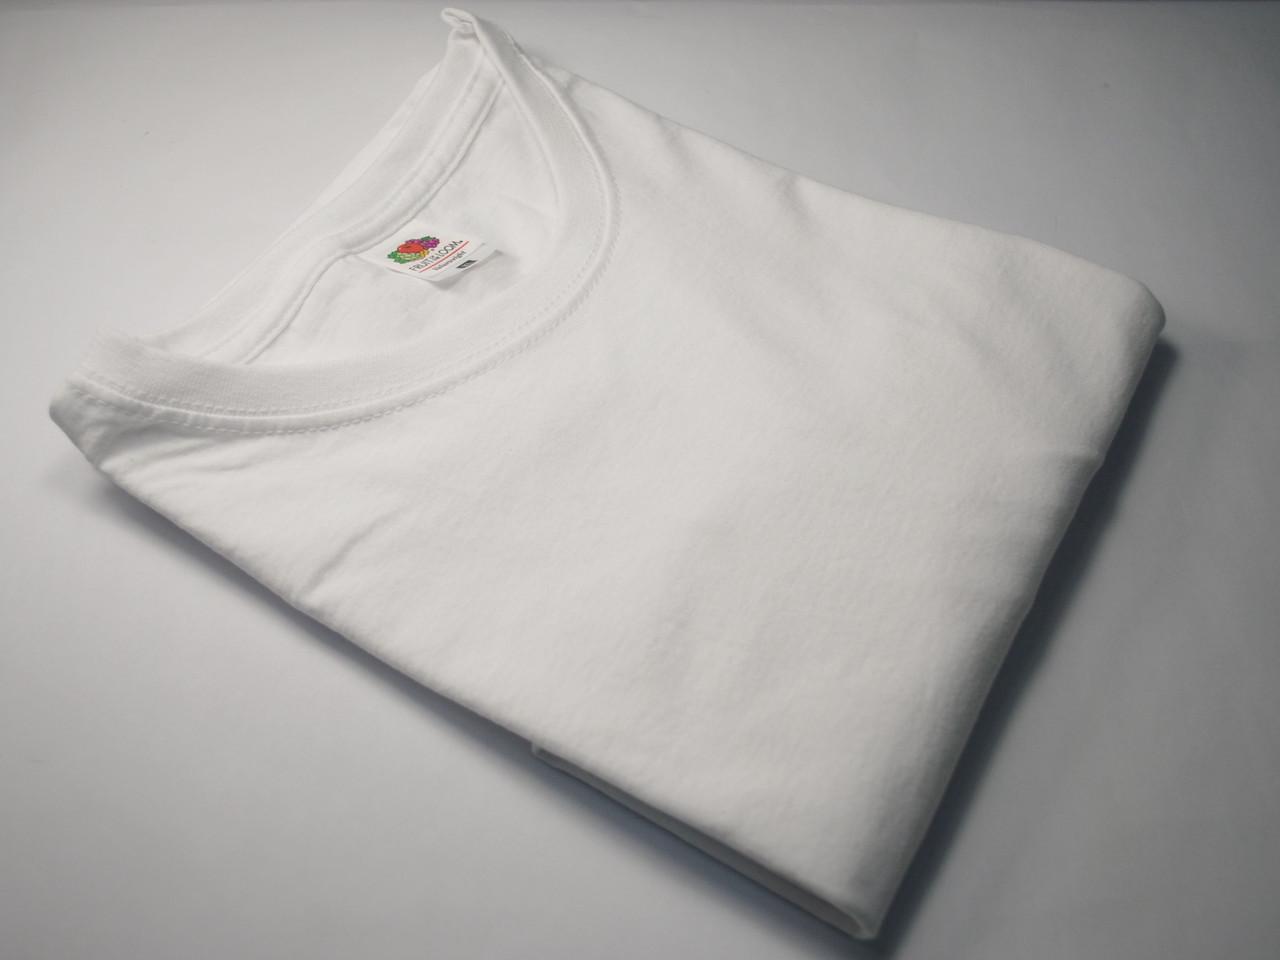 Мужская футболка без рукавов Белая размер 5XL 61-222-30